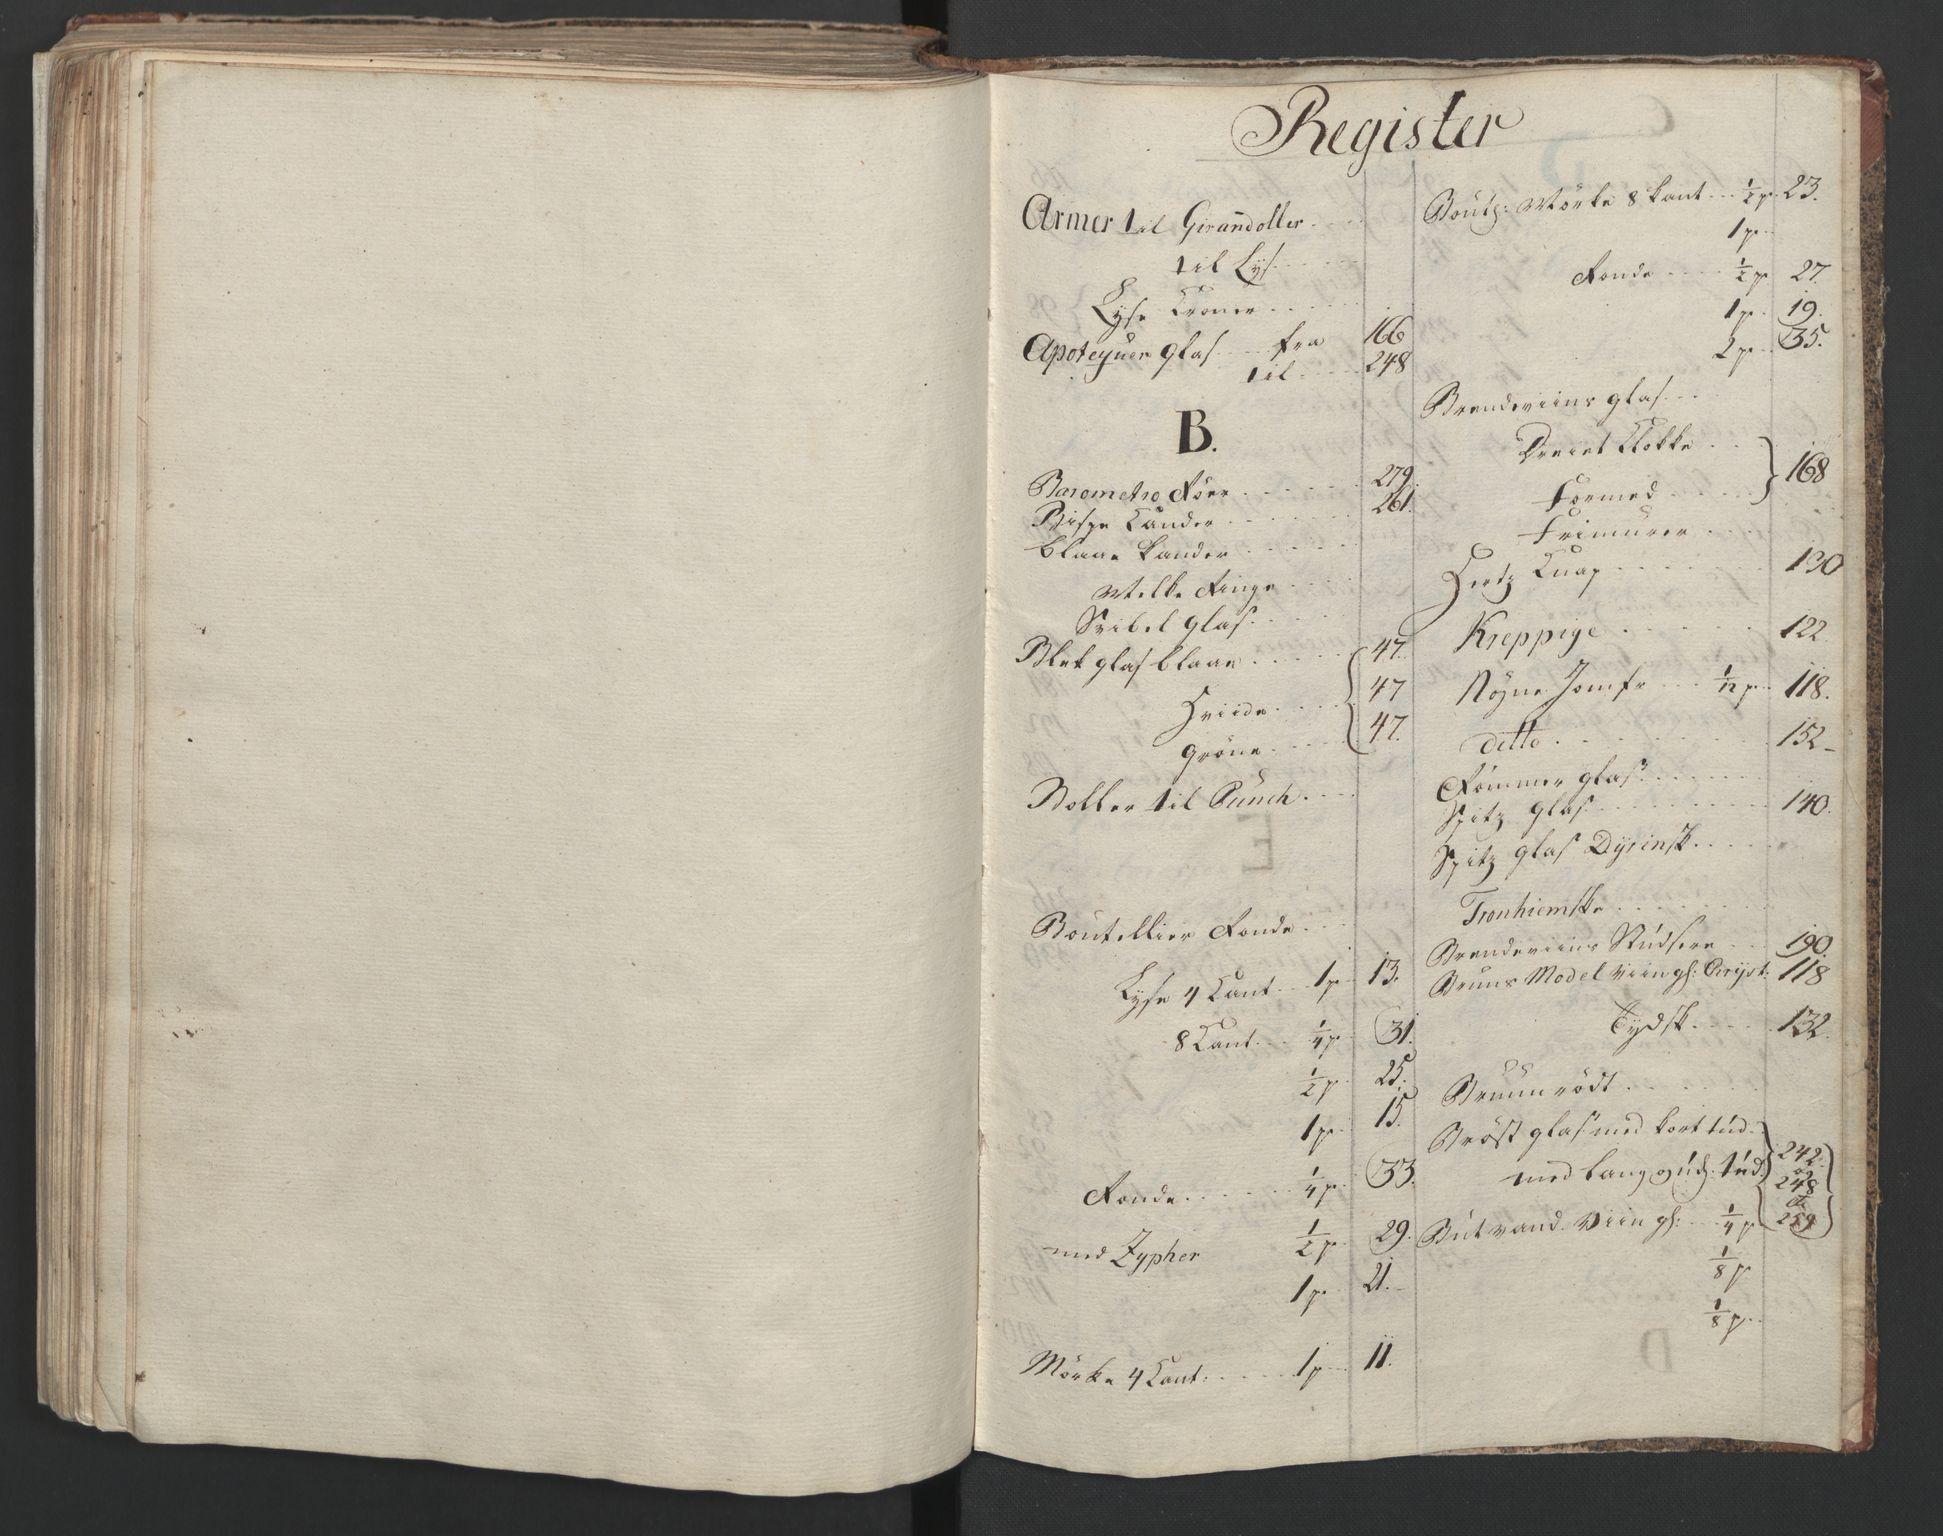 RA, Glassverk, samlinger, F/Fa/L0036: Modellbok for Nøstetangens og Aas' produkter med prisangivelse,, 1763, s. upaginert